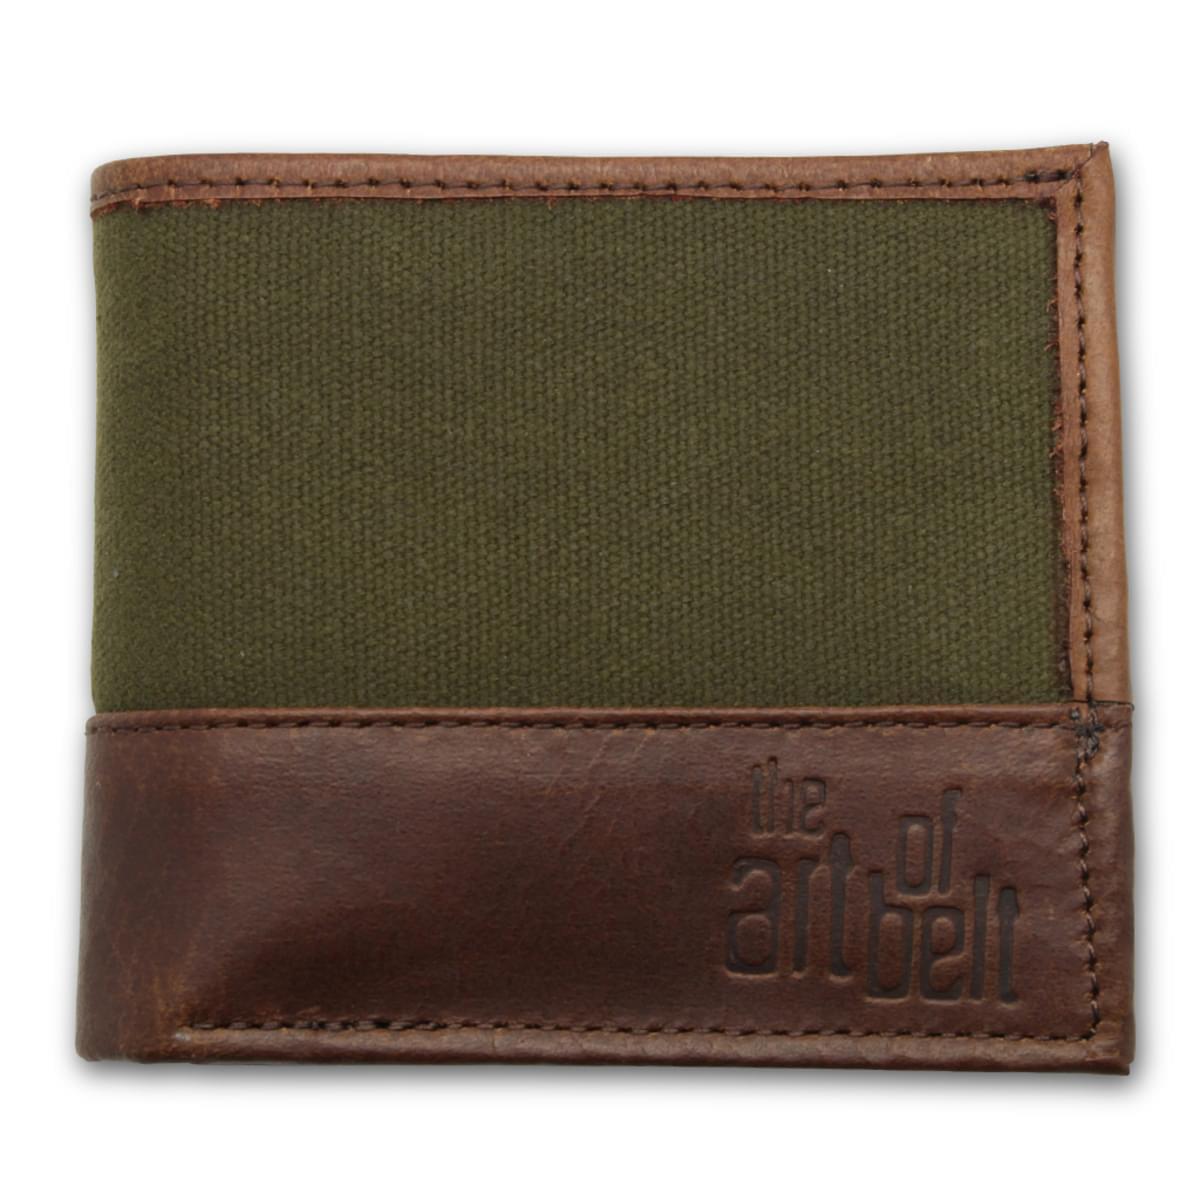 Pánska kožená peňaženka 8207